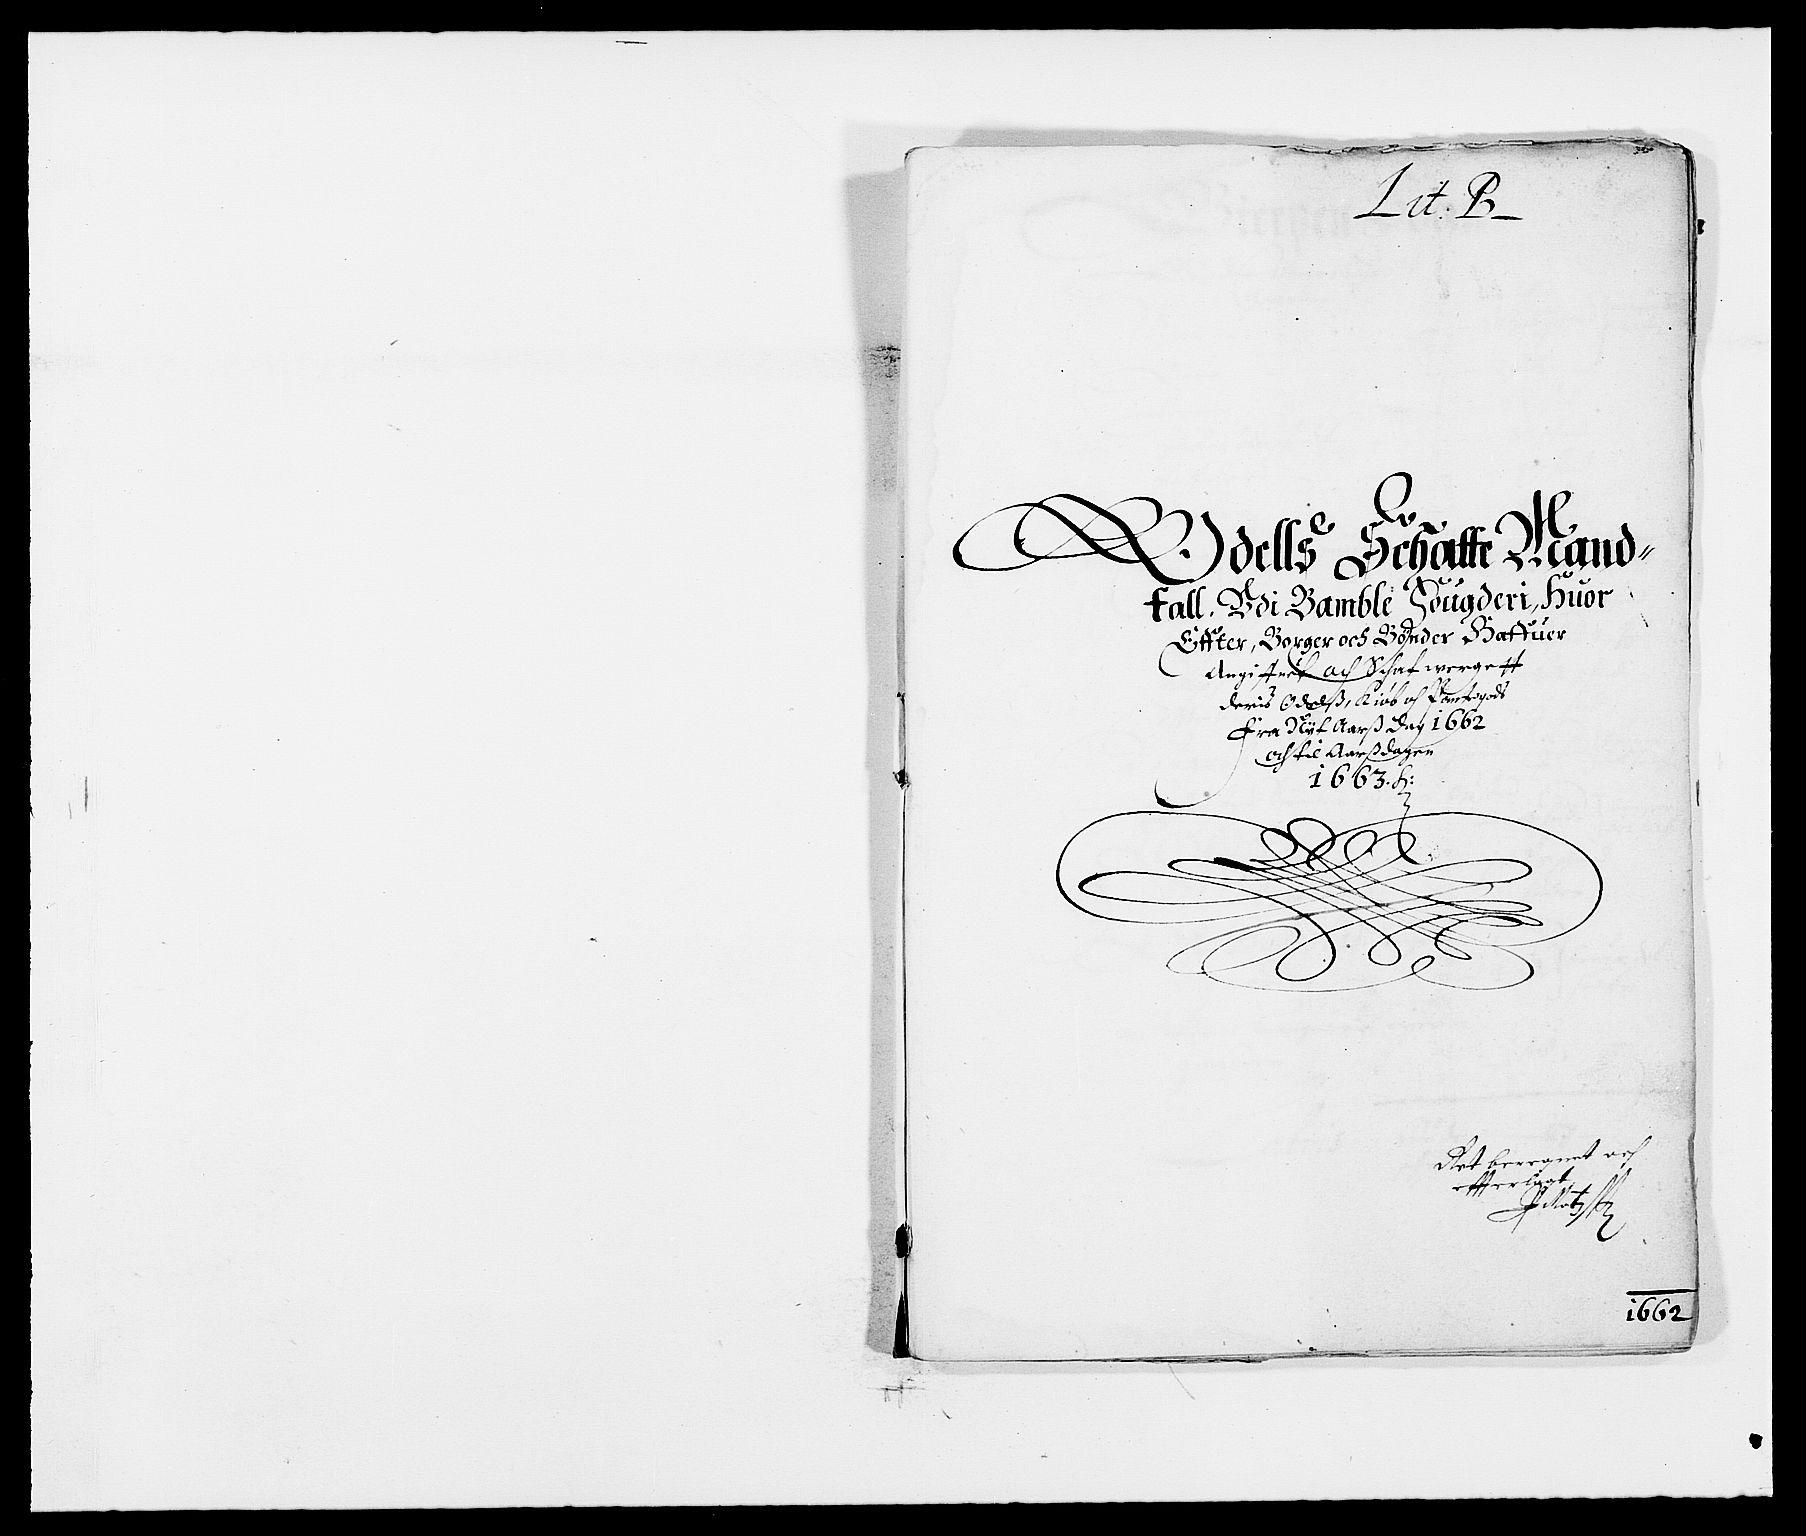 RA, Rentekammeret inntil 1814, Reviderte regnskaper, Fogderegnskap, R34/L2037: Fogderegnskap Bamble, 1662-1669, s. 54